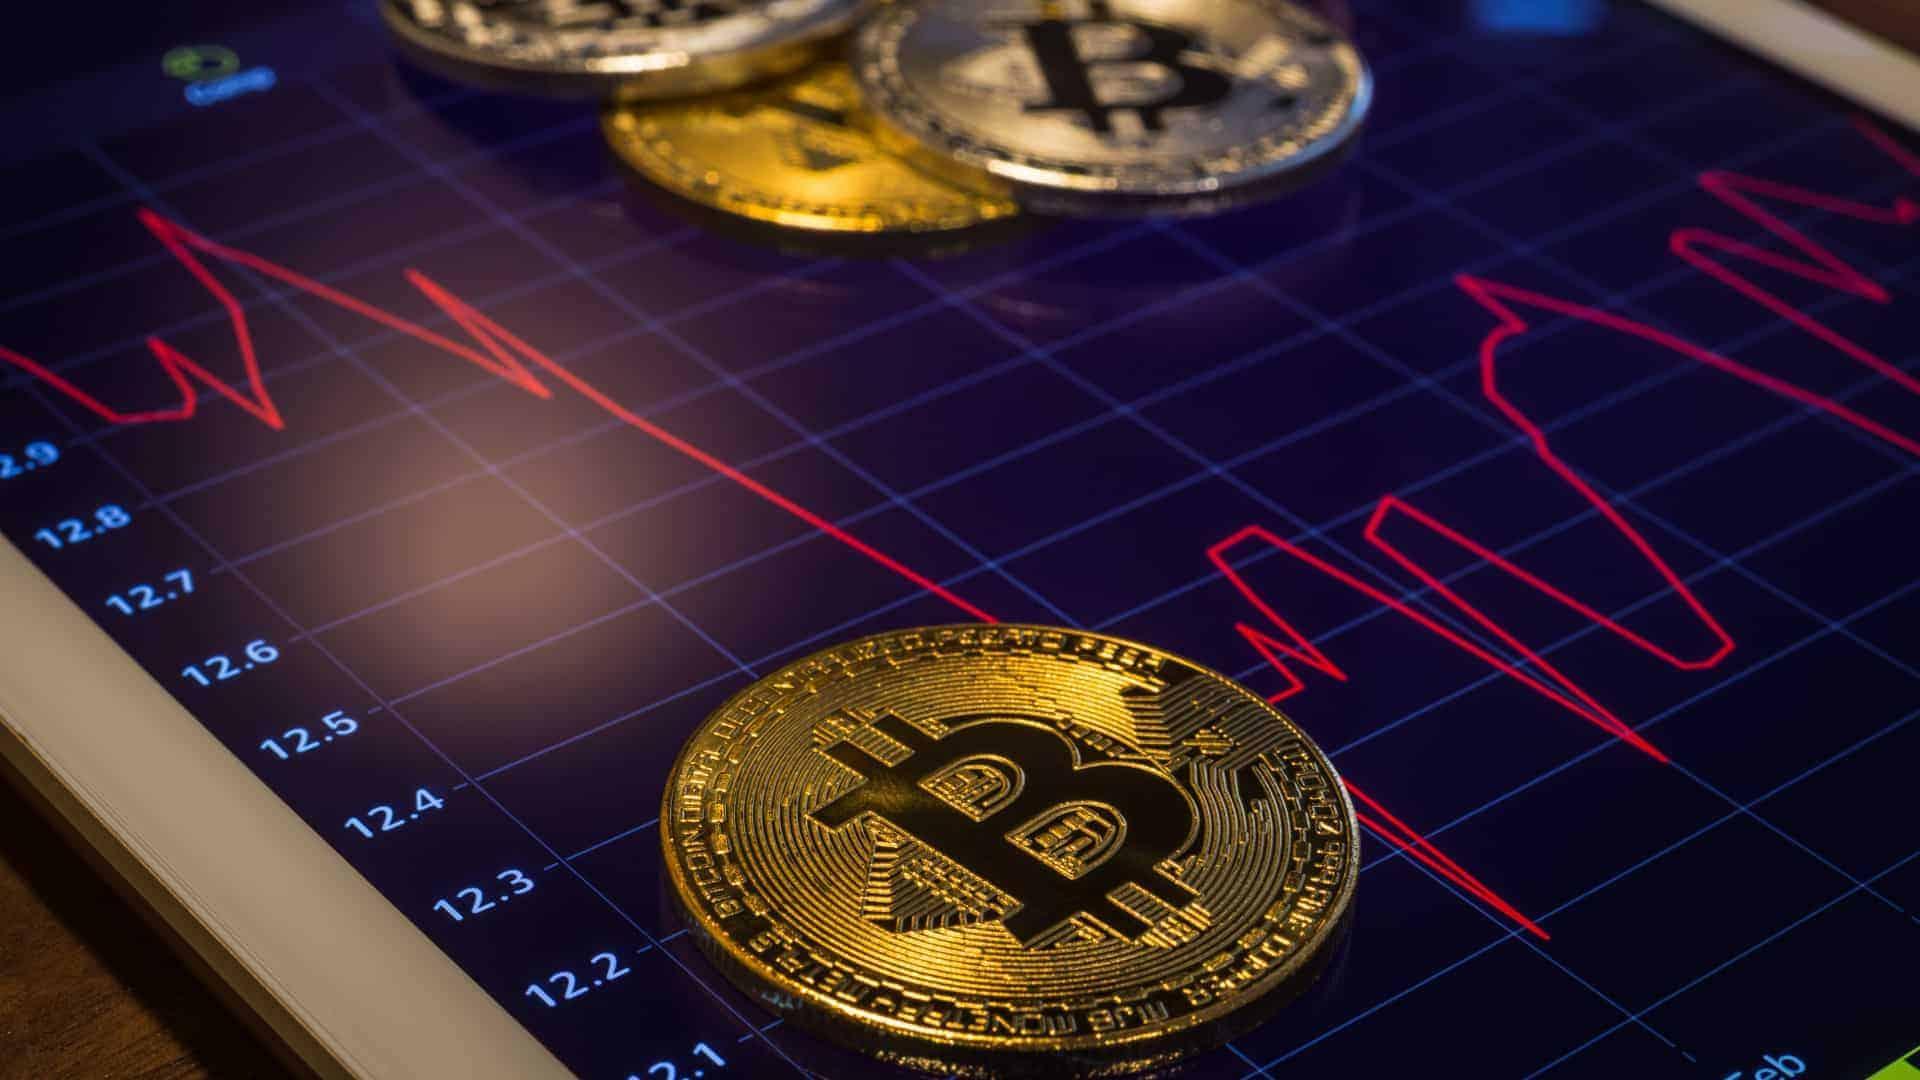 O que levou o Bitcoin a desabar em setembro e ficar abaixo de US$ 8.000